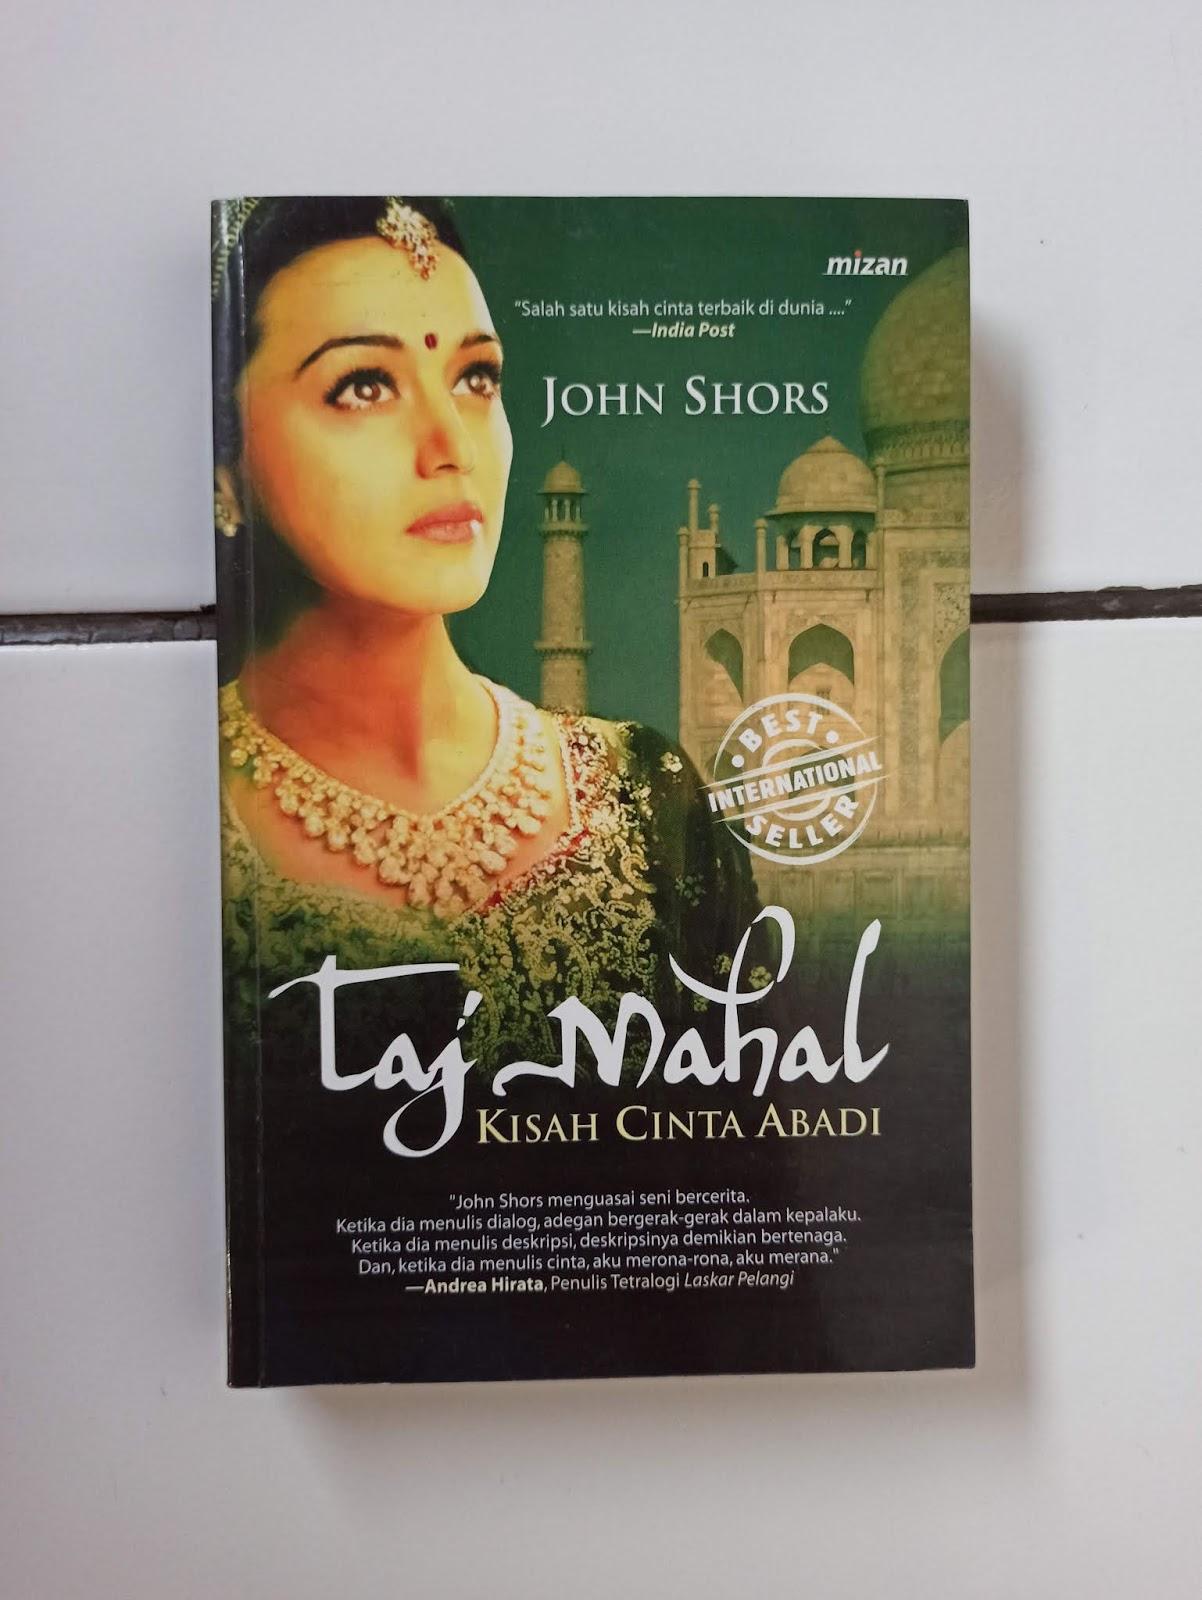 Novel Bekas Kisah Cinta Abadi karya John Shors